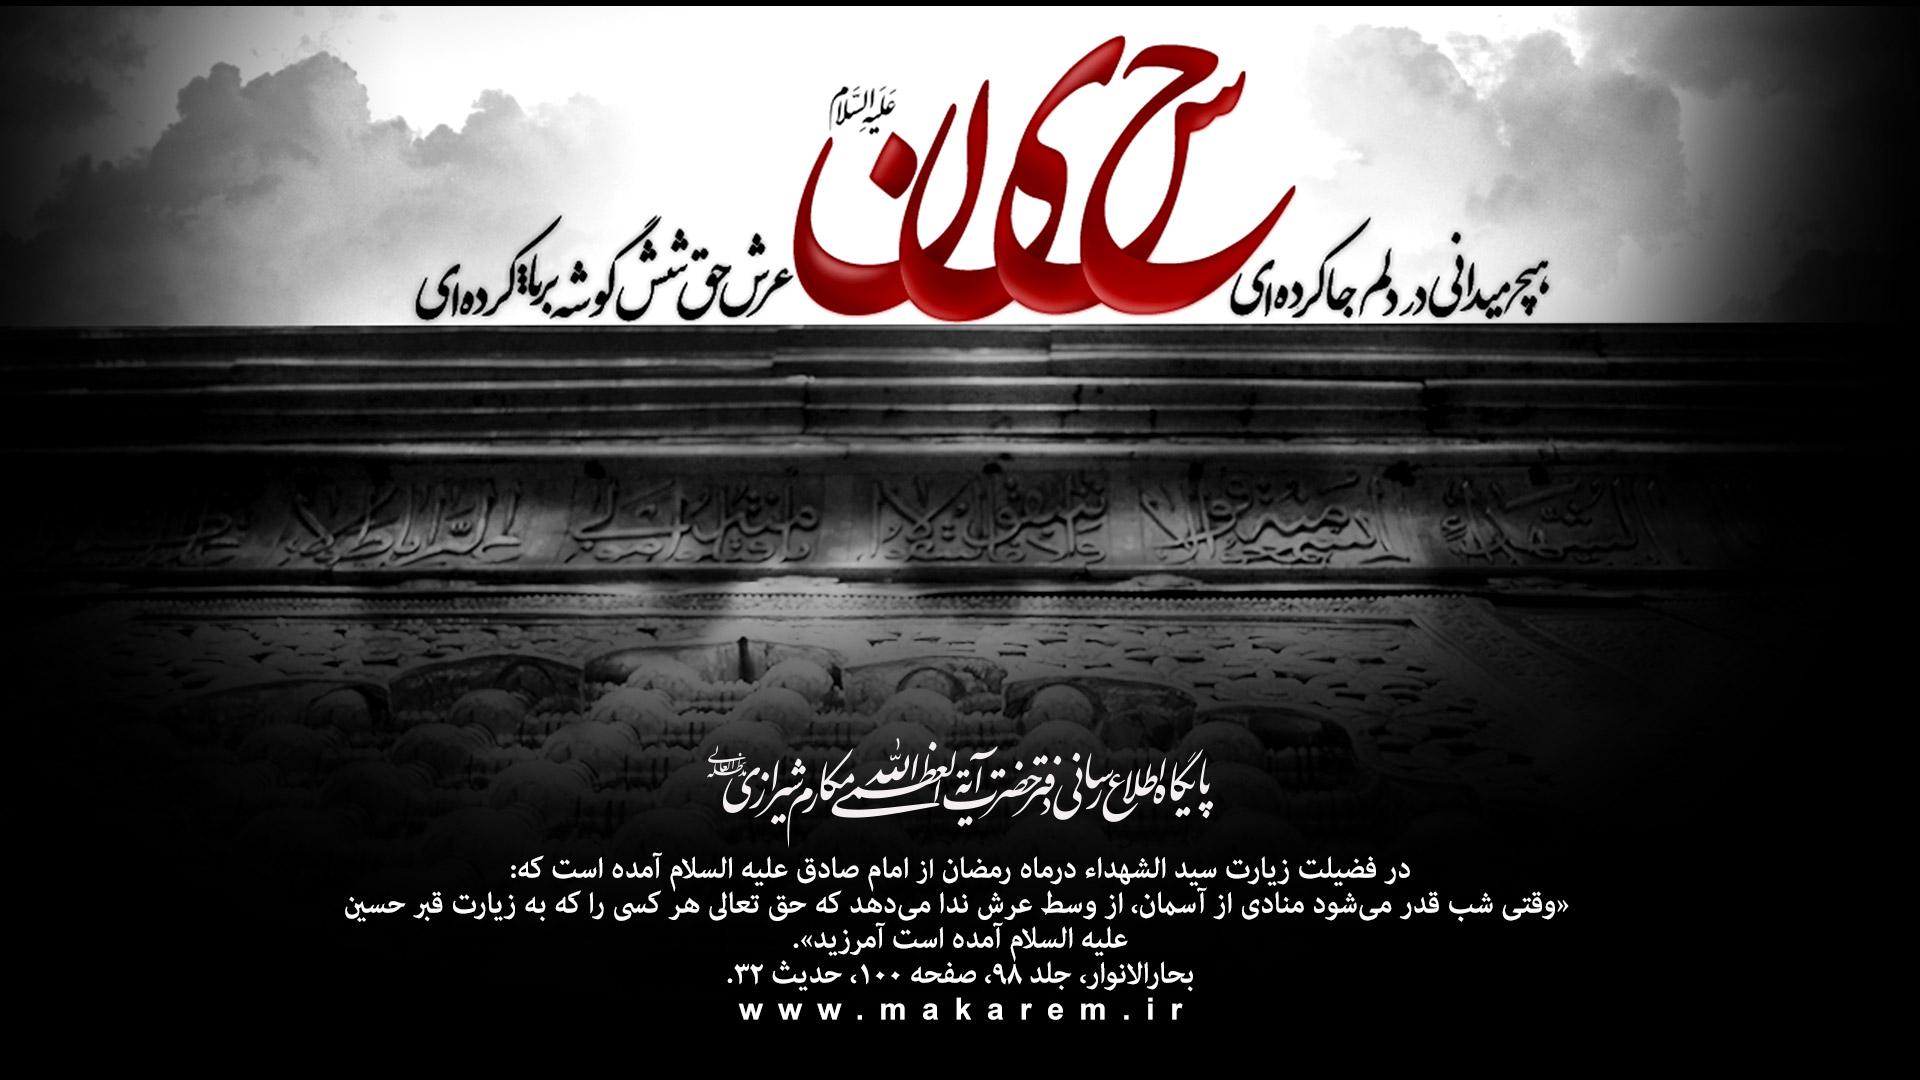 بیانات ویژه رمضان-مدرسه الامام امیر المومنین (ع)